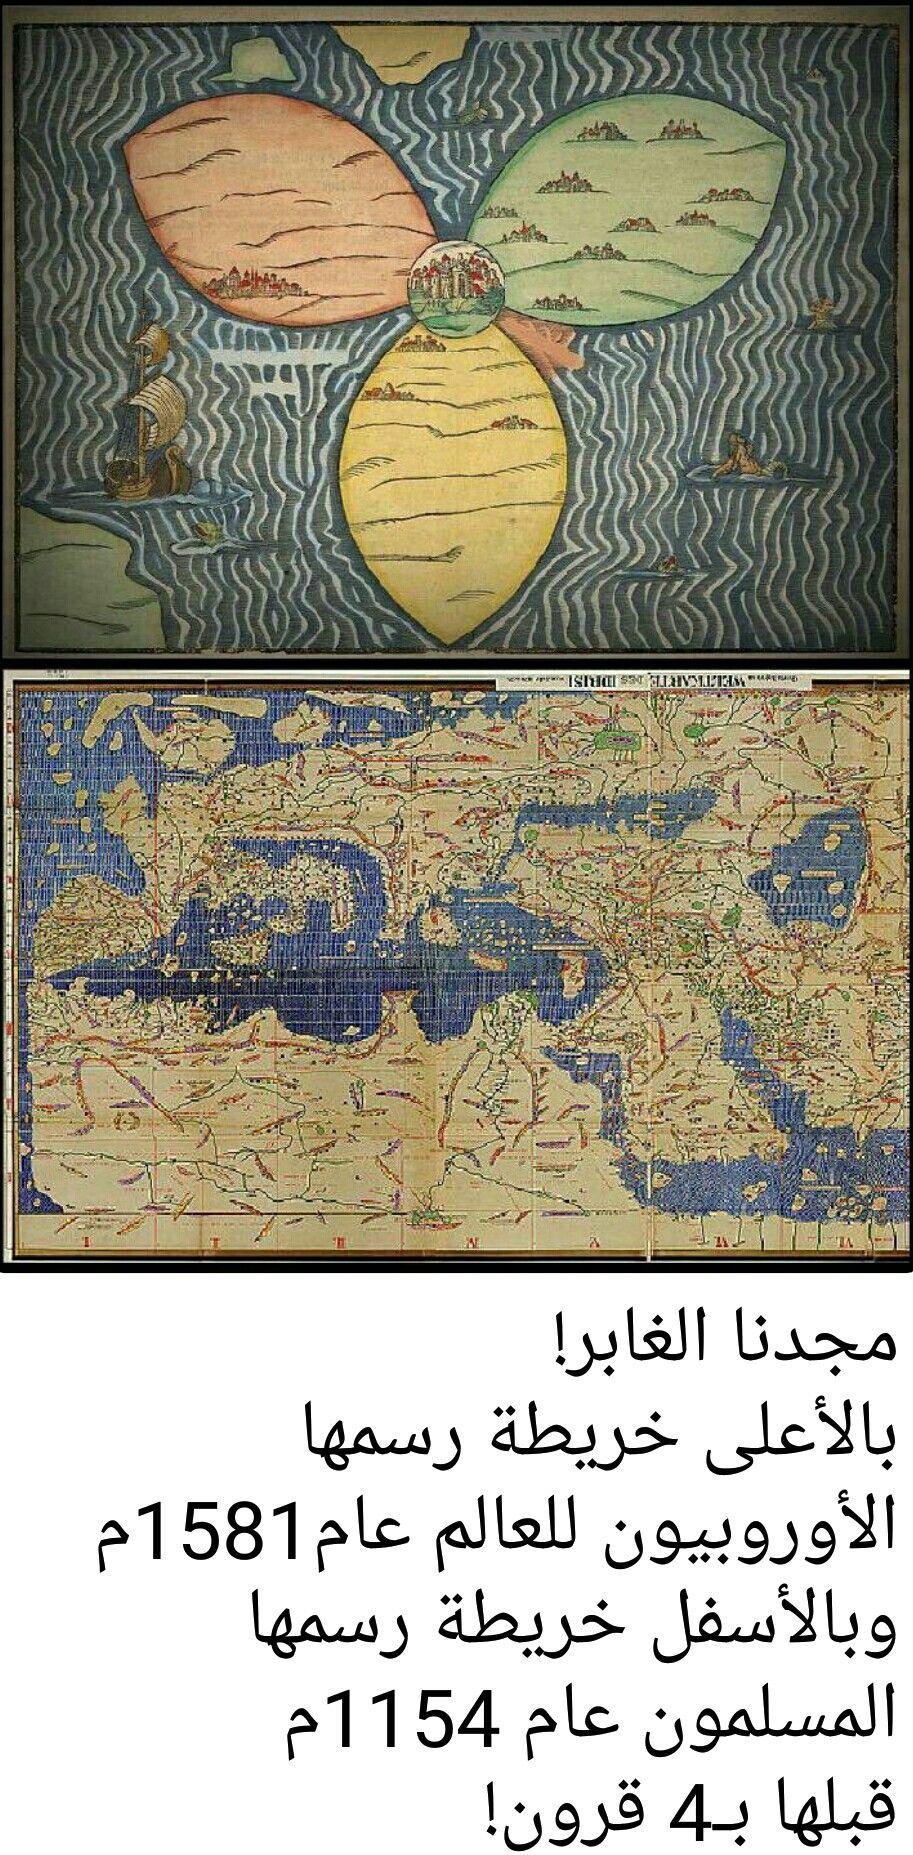 نعم مجدنا غابر وتاريخنا مزور ولكن نحمد الله على بعض الجهود من الغيورين عالدين والامة ليوضحوا لنا ما تم ح Palestine History History Of Islam History Of Science